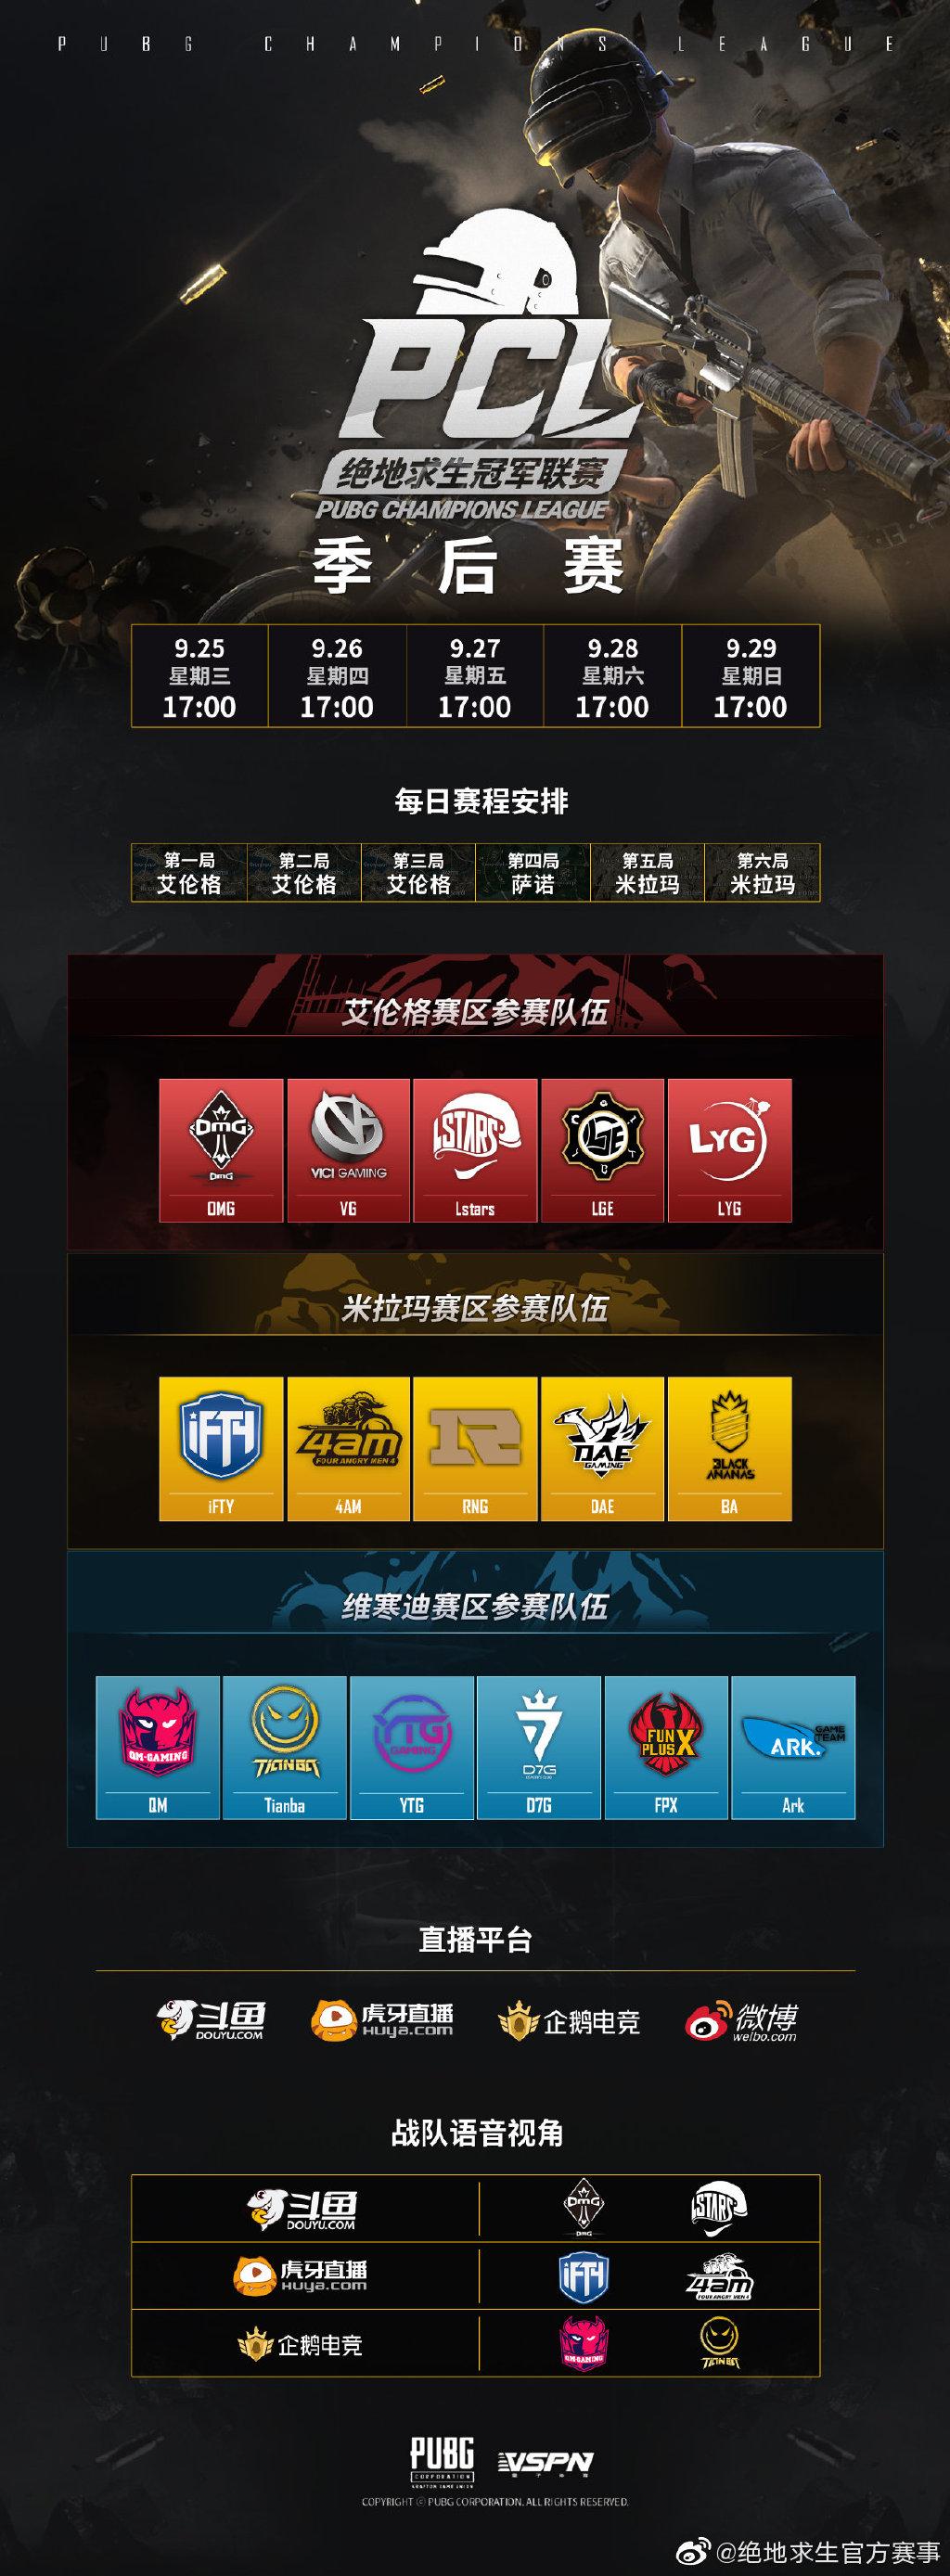 維寒迪成最強賽區?官方發布PCL季后賽觀賽指南